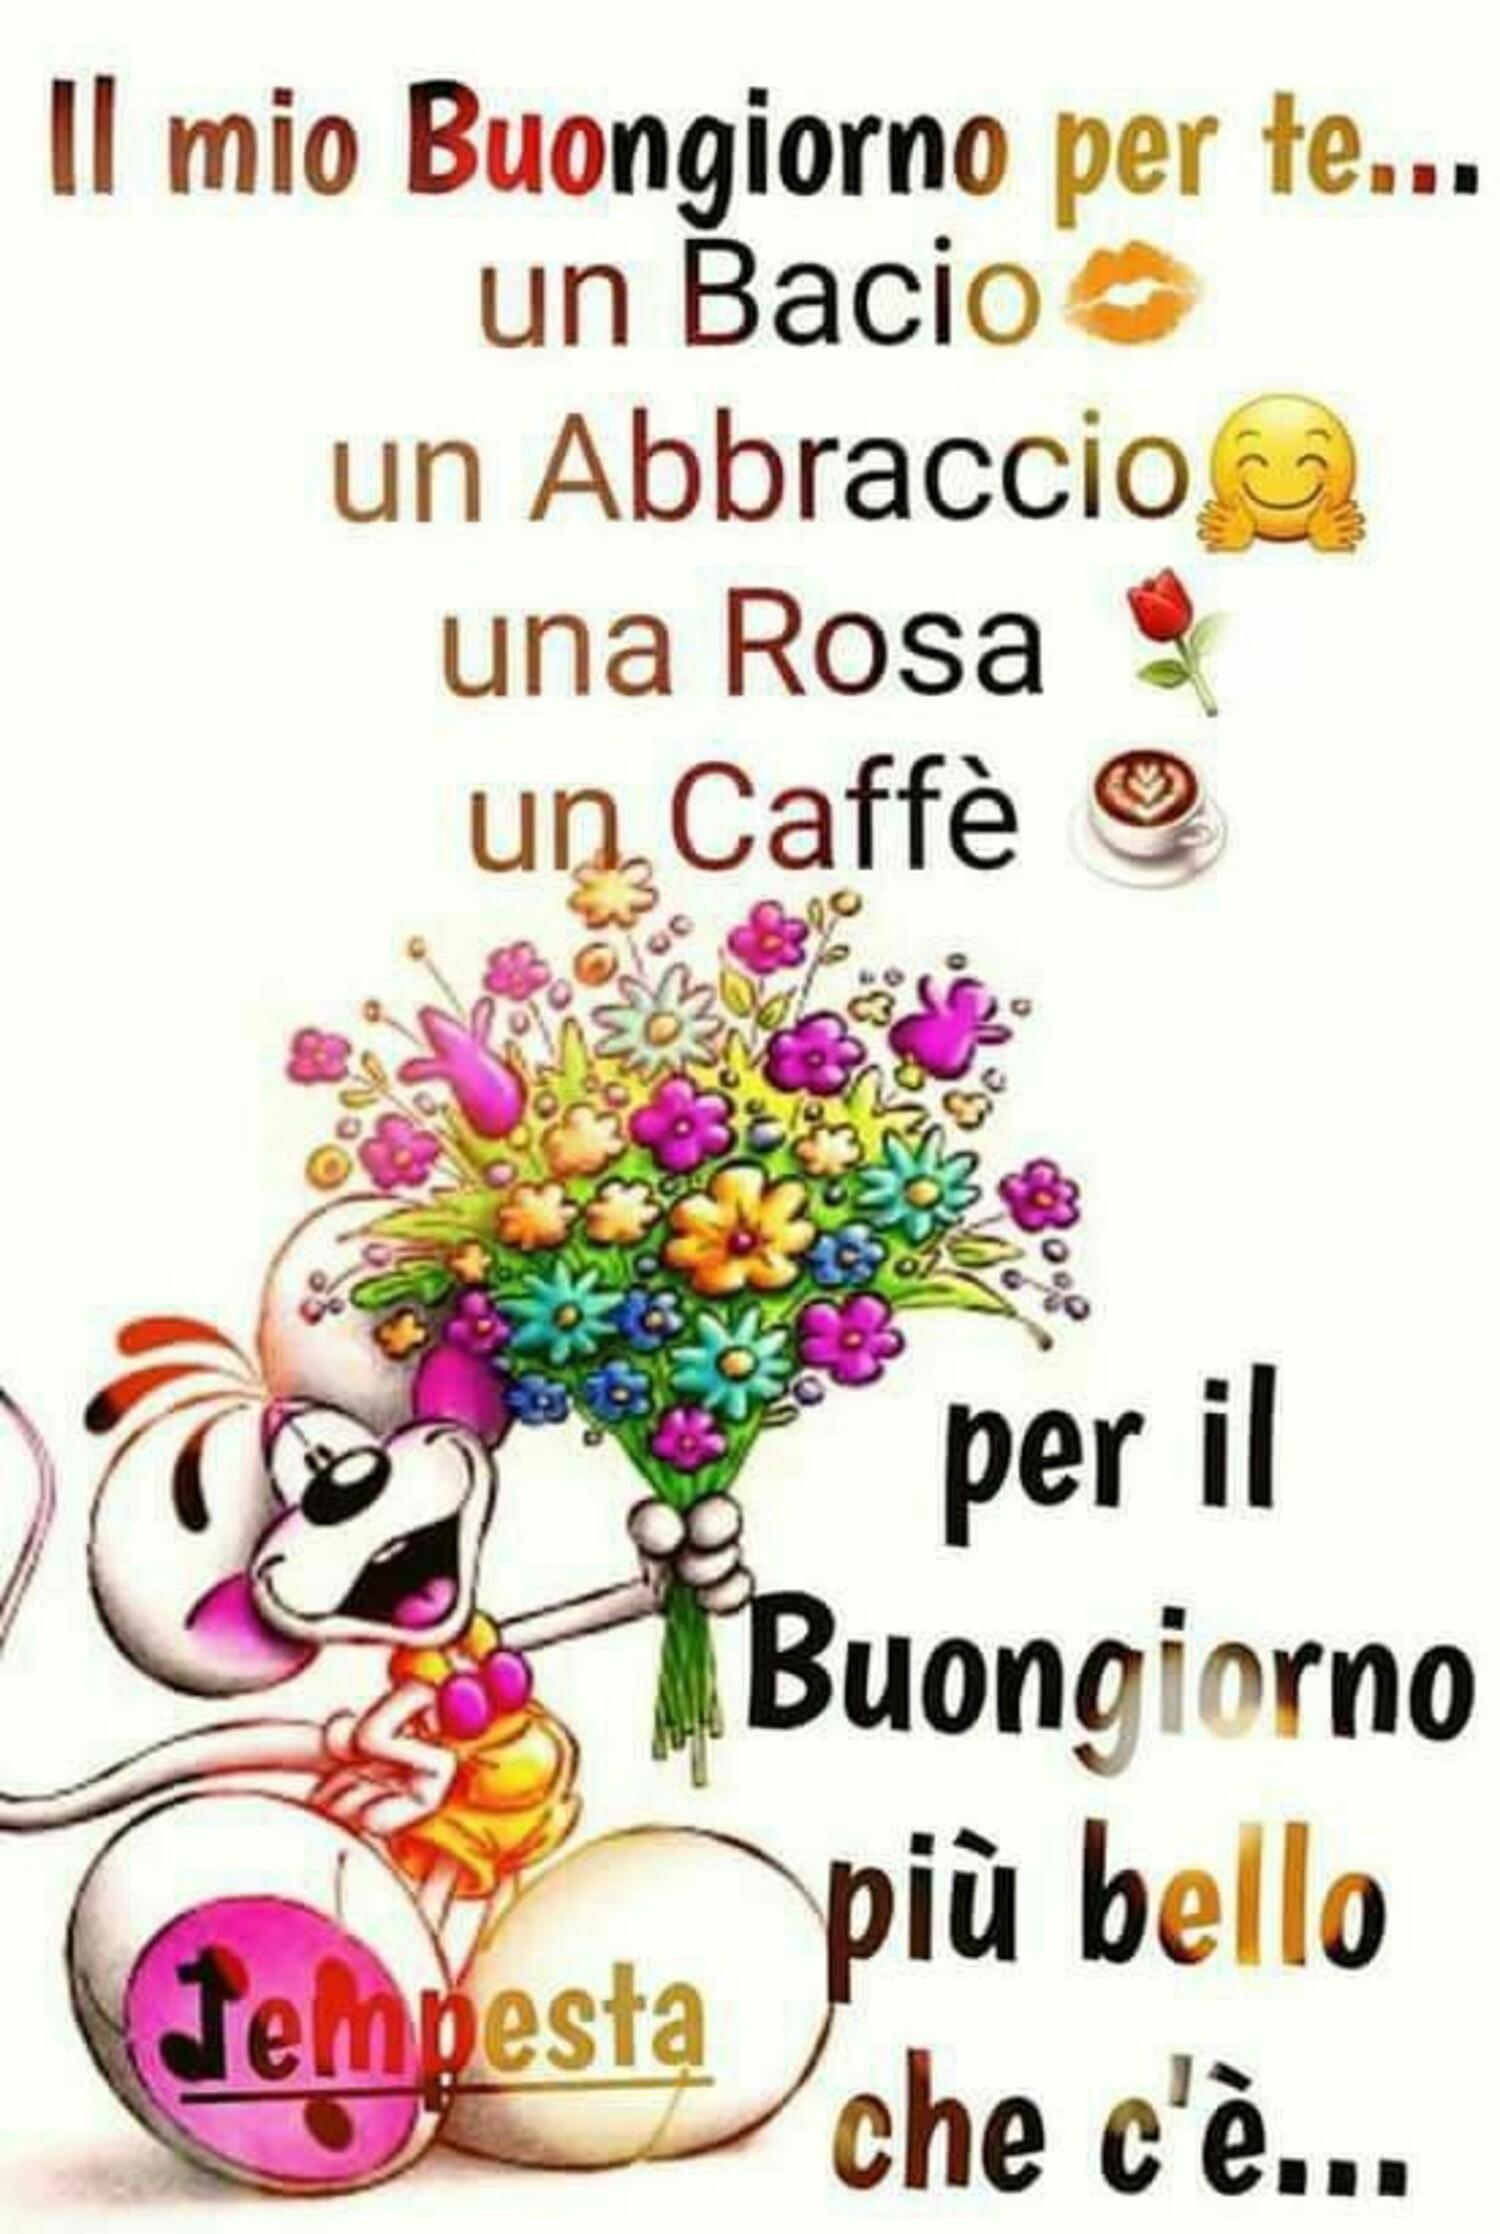 """""""Il mio Buongiorno per te... un abbraccio, una rosa, un caffè,..."""" Diddle"""